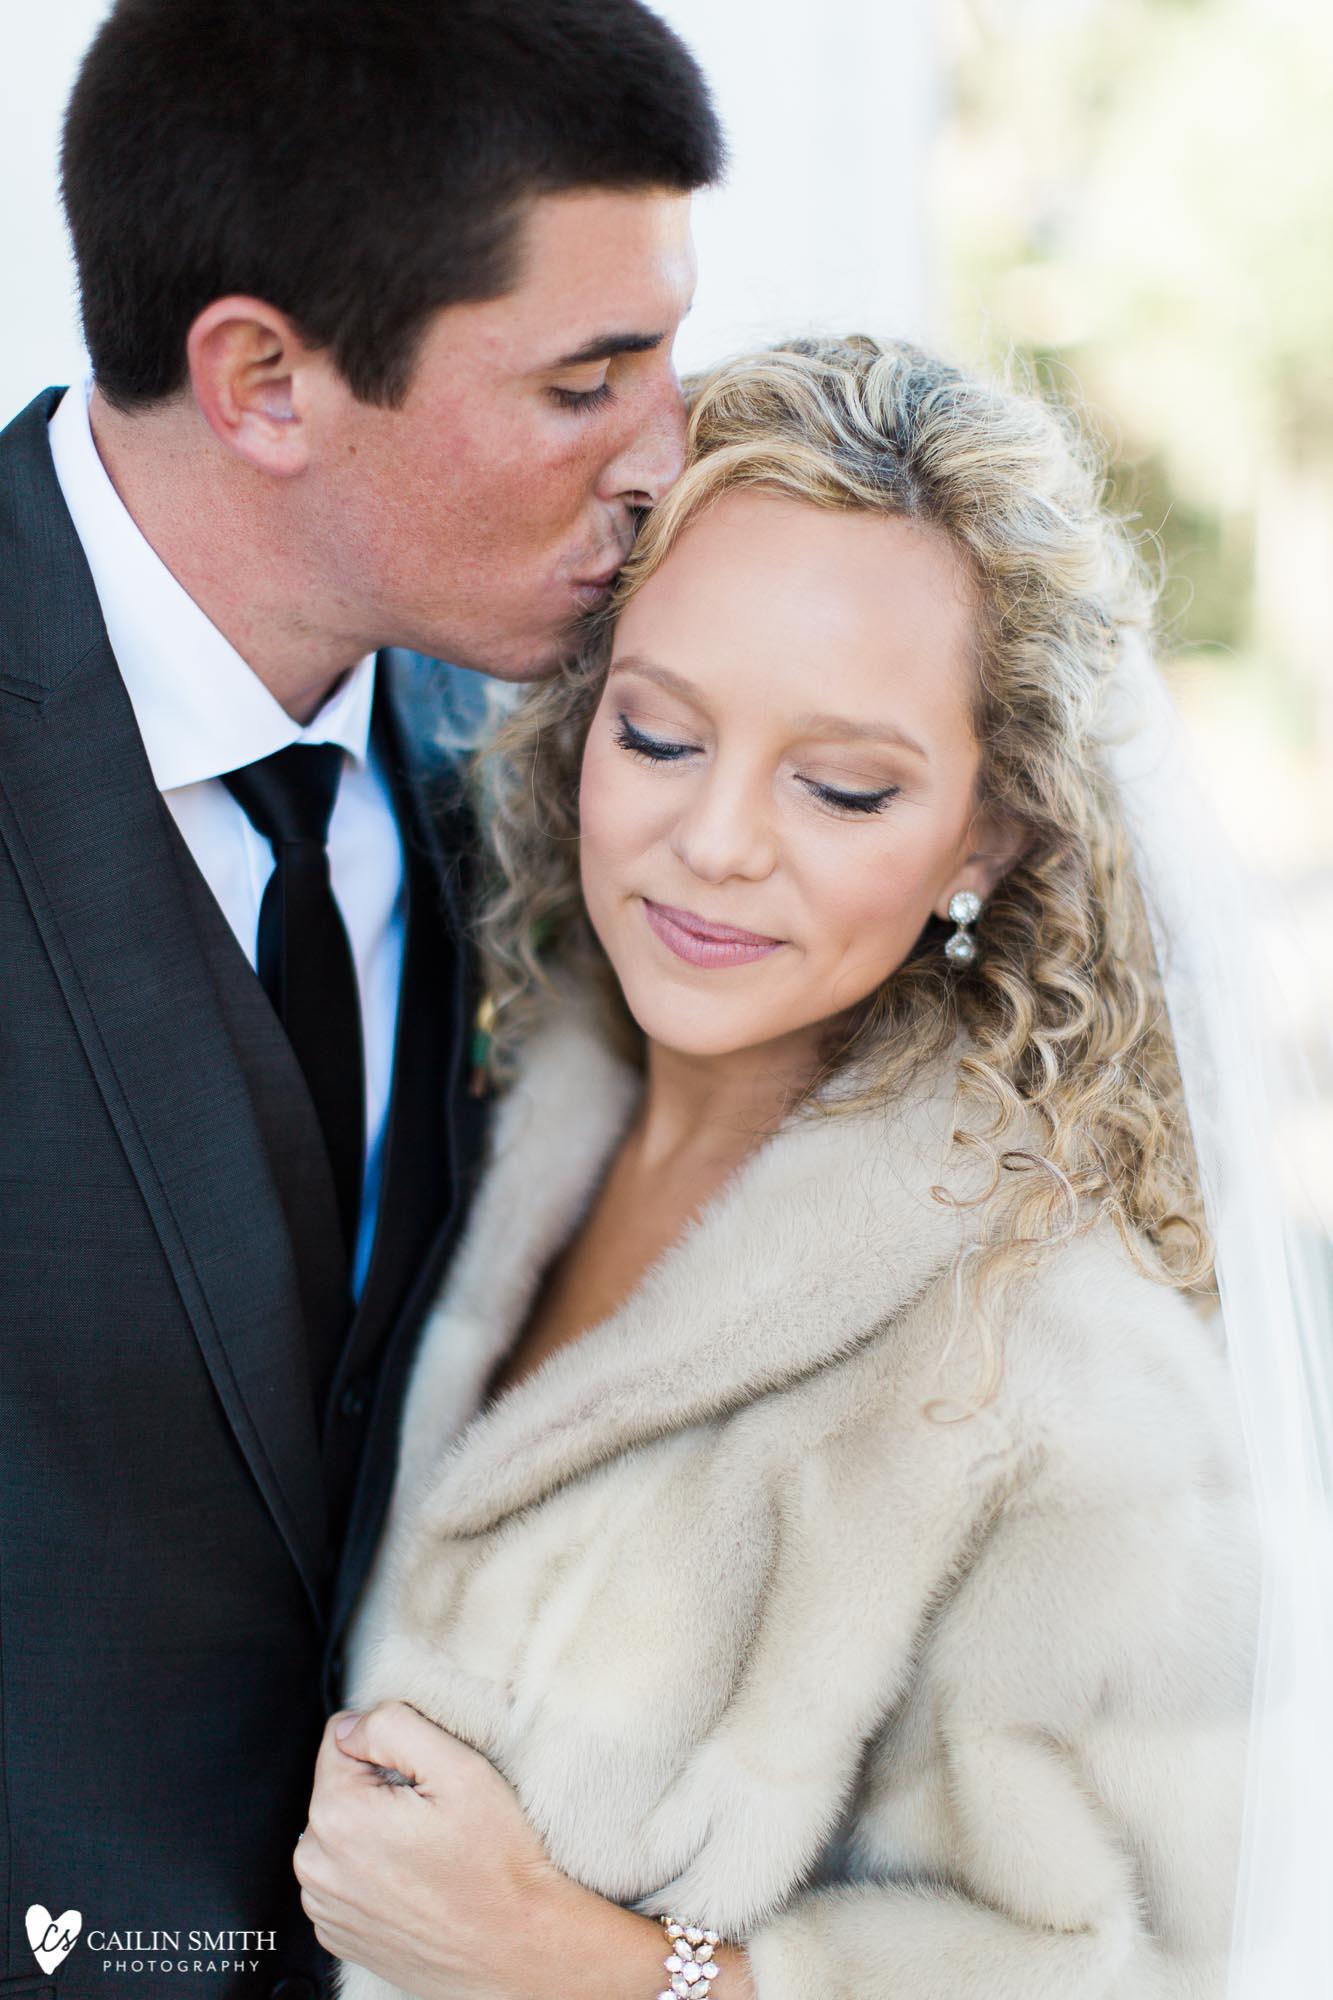 Leah_Major_St_Marys_Wedding_Photography_060.jpg